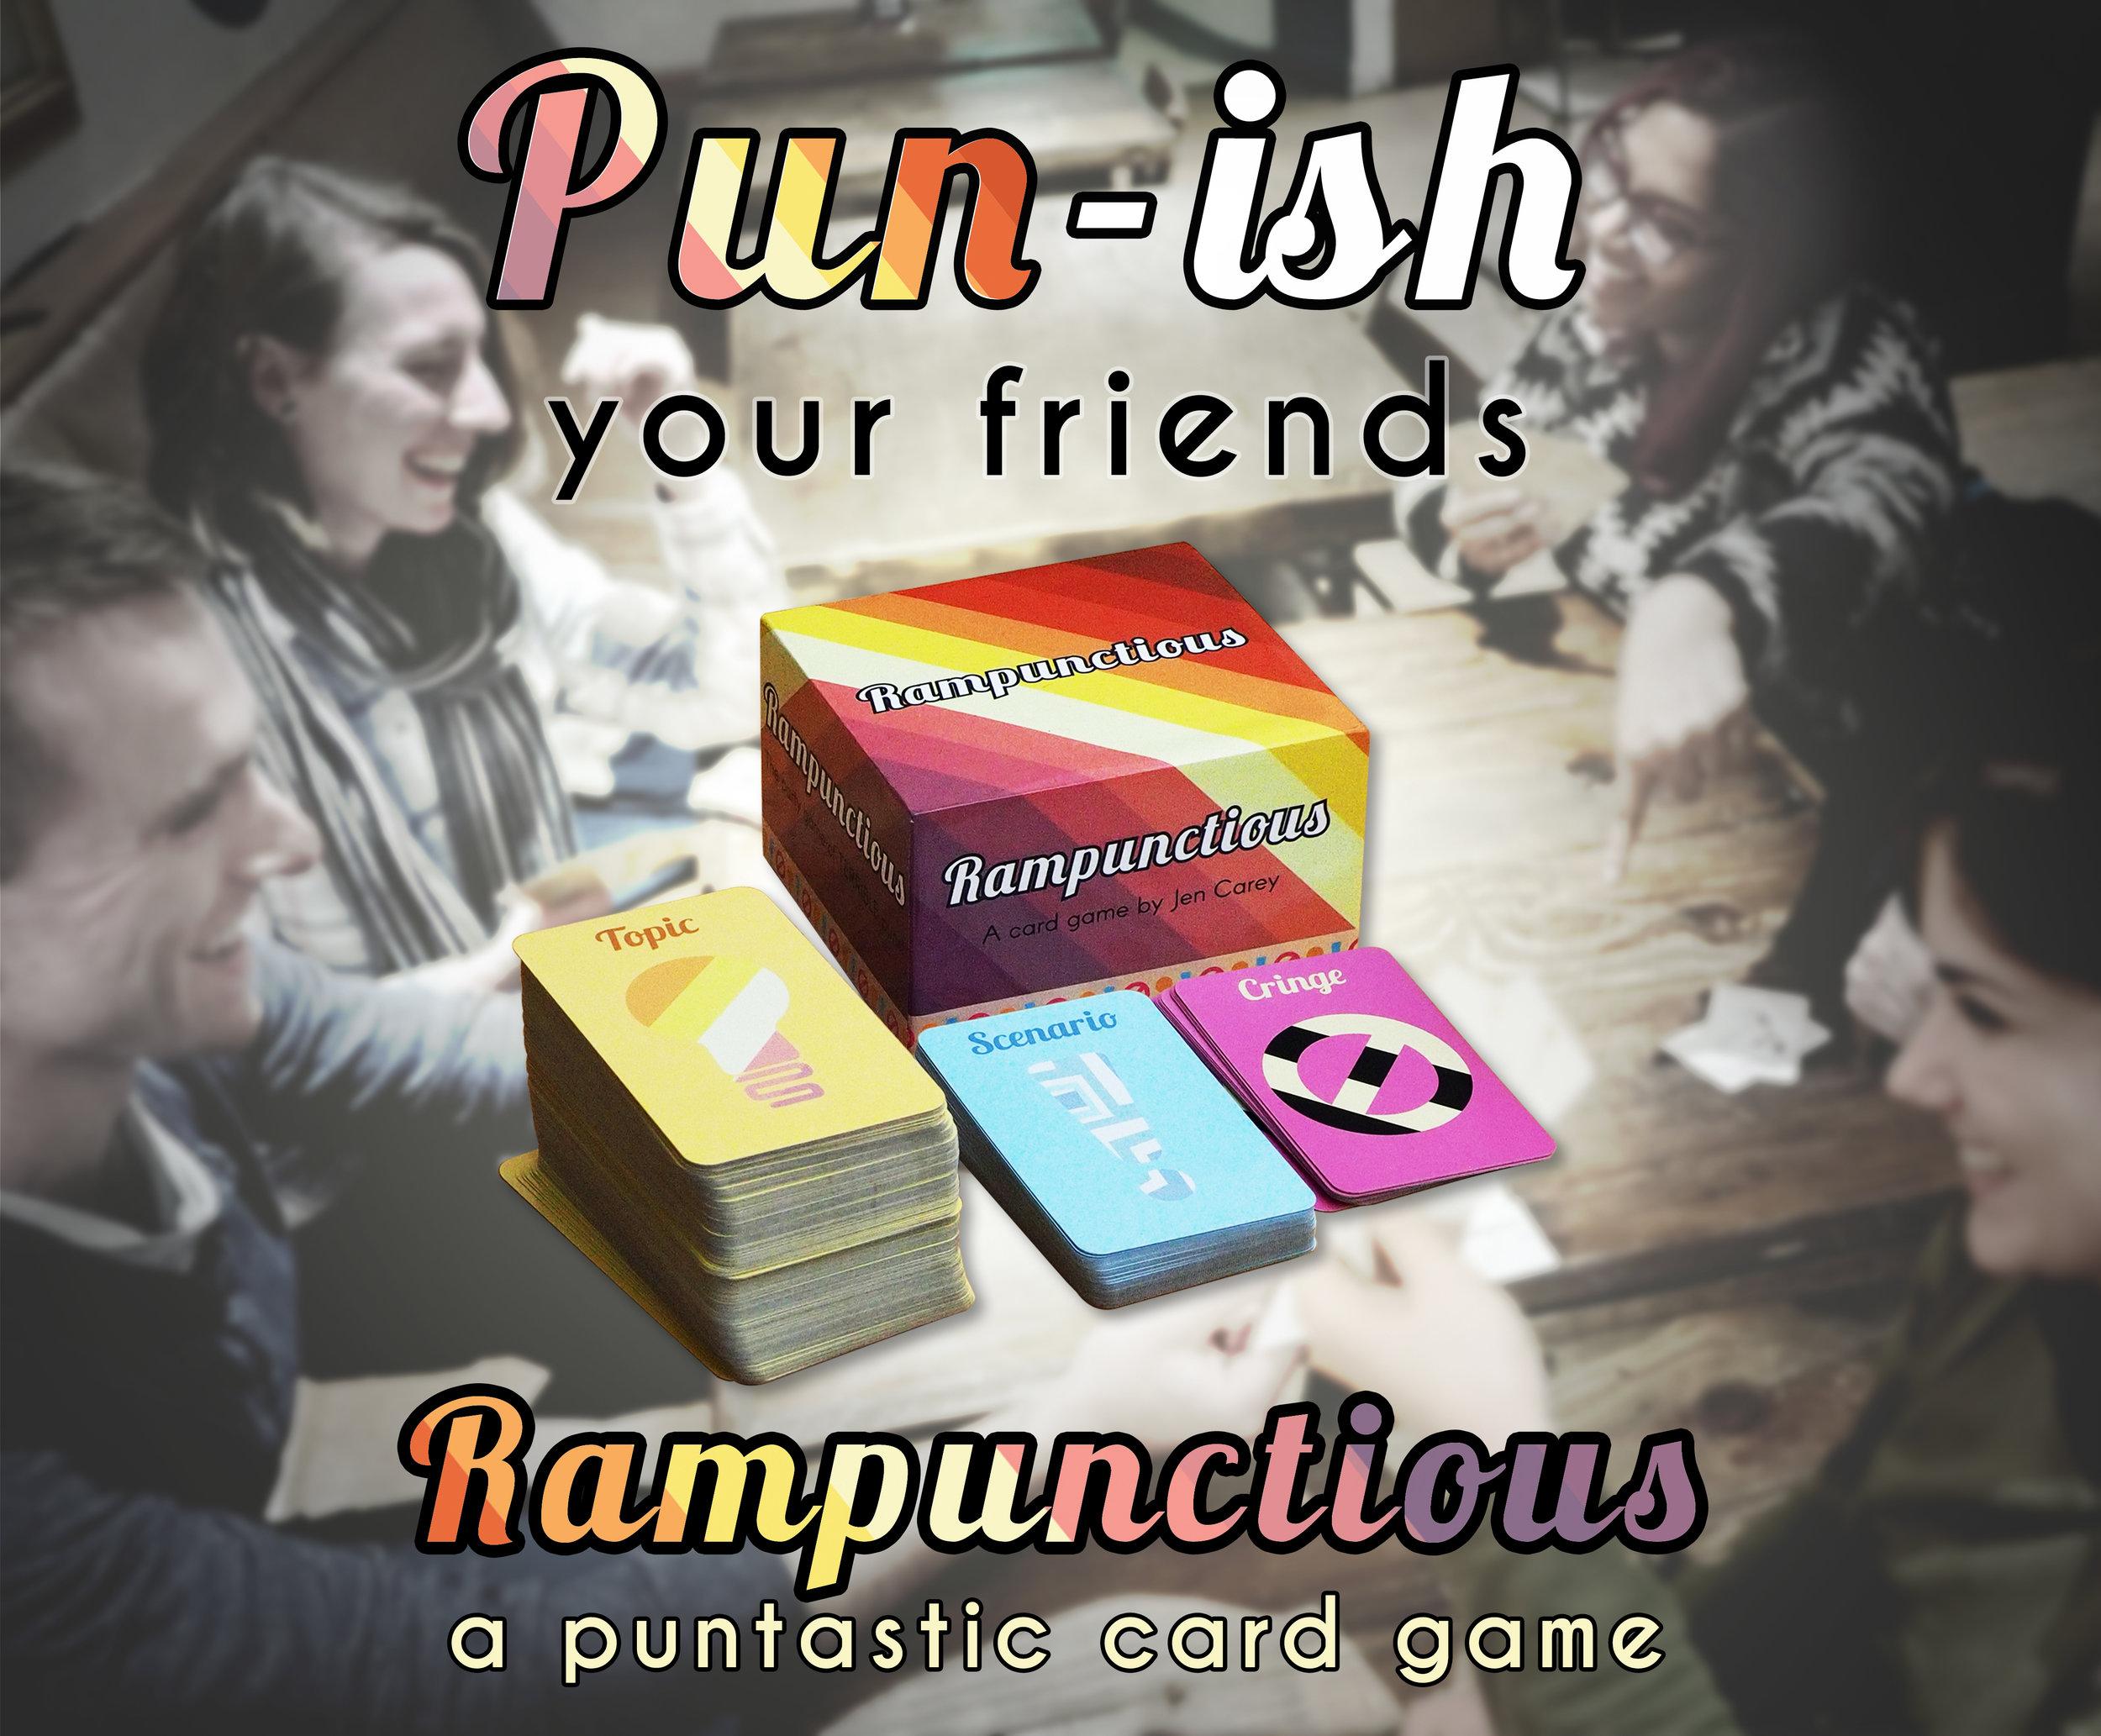 rampunctious_punishYourFriends.jpg